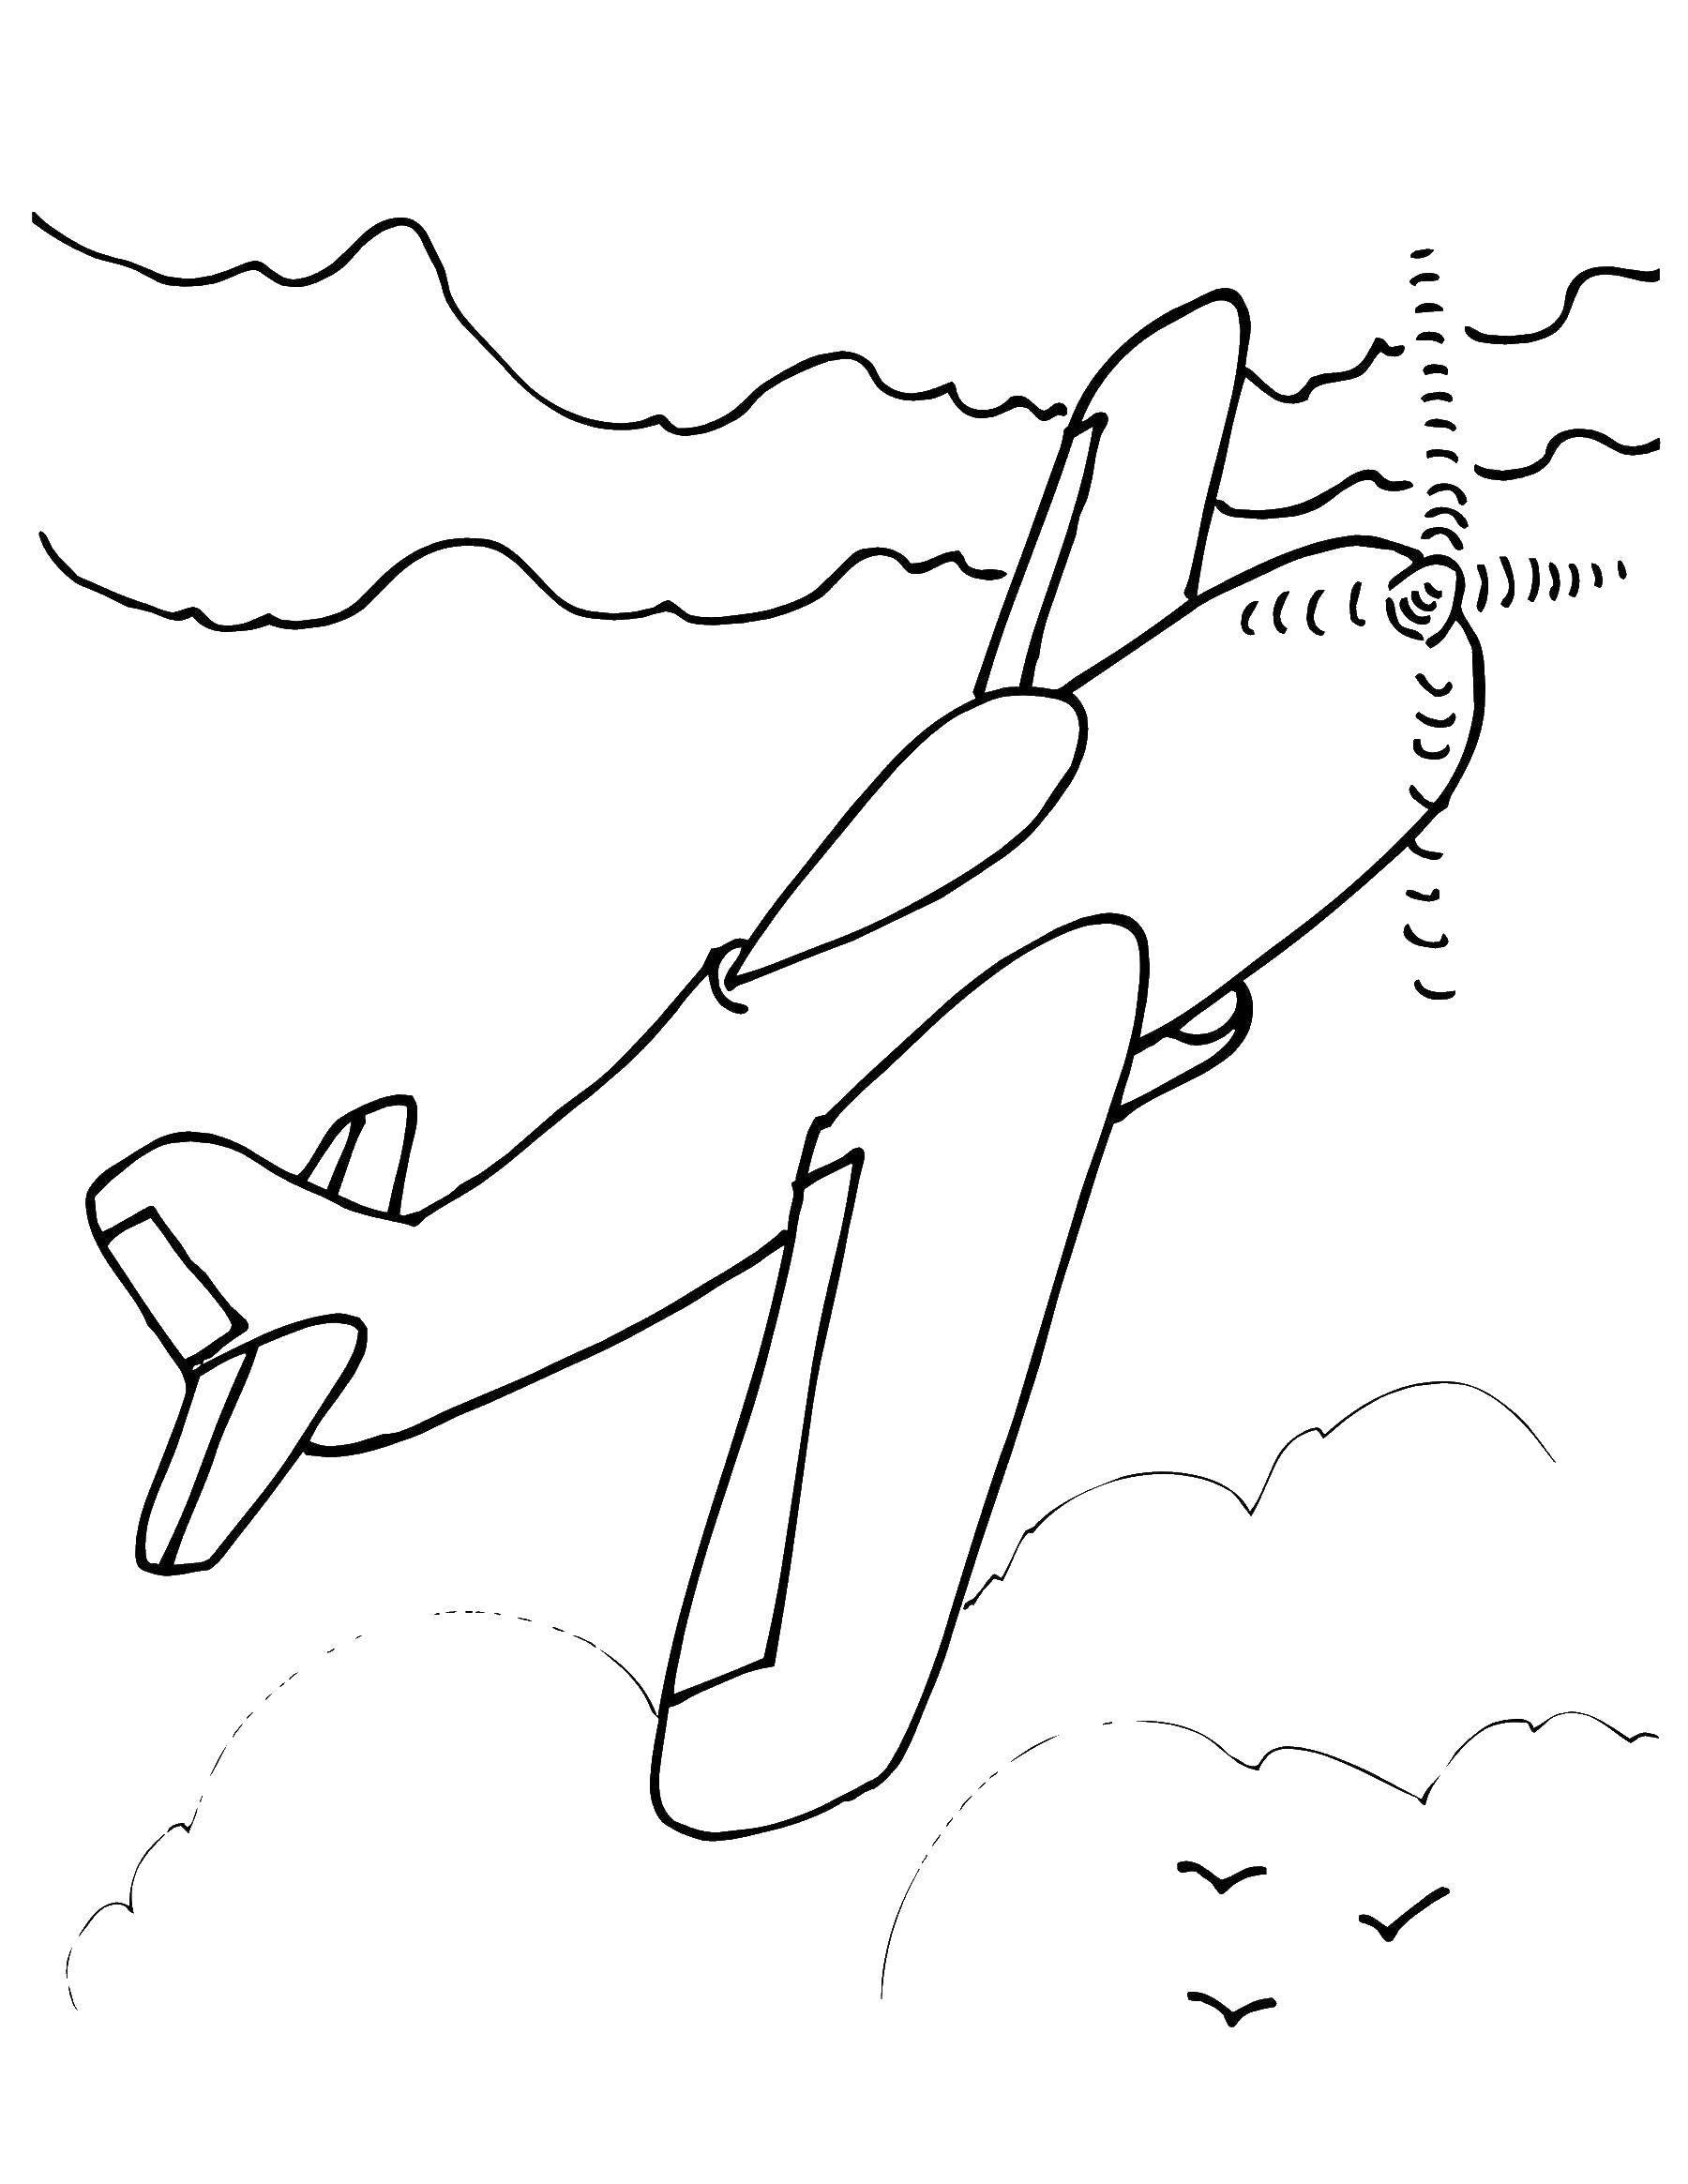 Название: Раскраска Самолёт летит в небе. Категория: Самолеты. Теги: Самолёт.